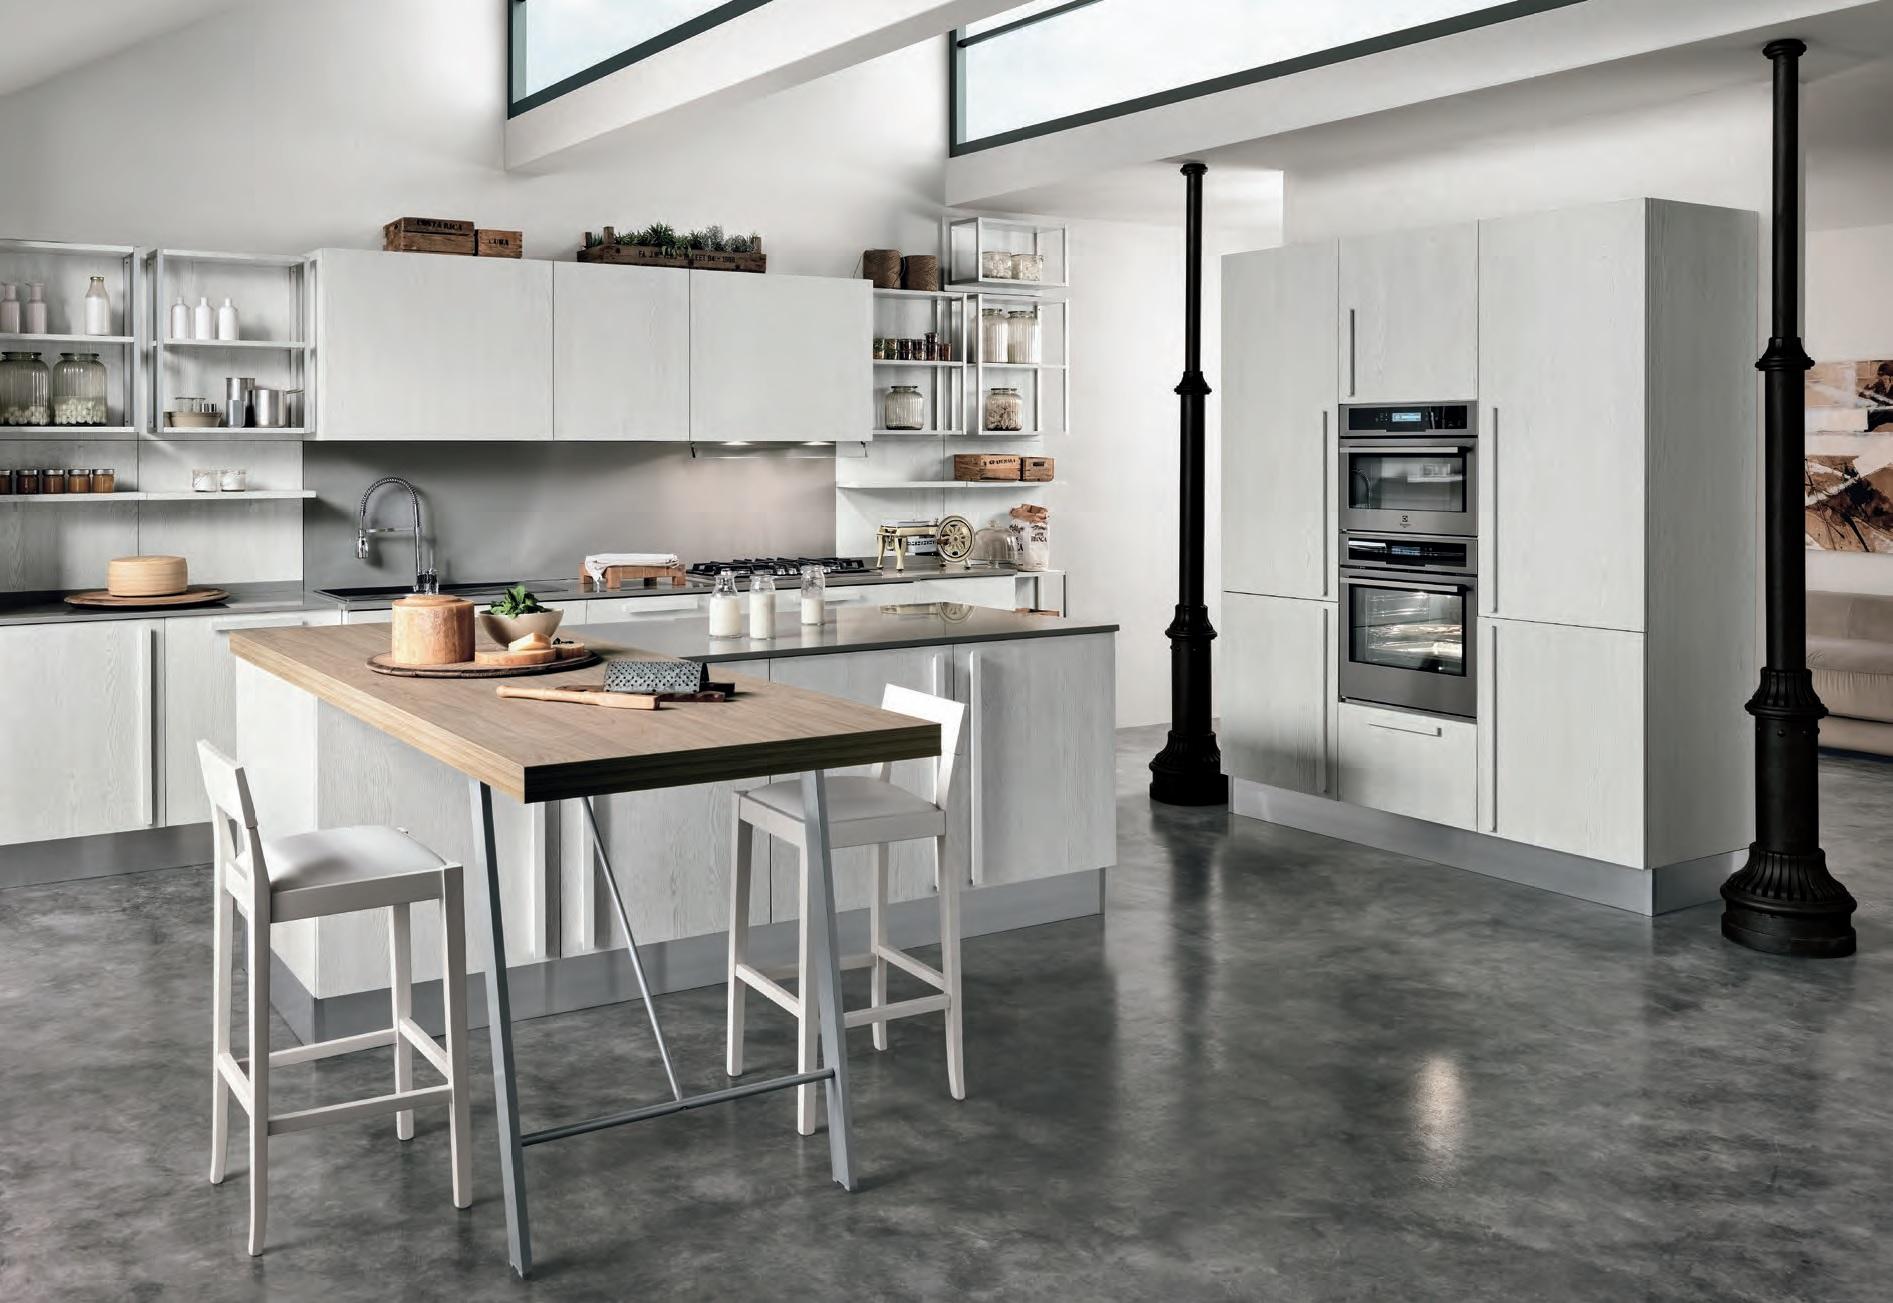 Cucine design moderno progettazione e realizzazione | Riganelli